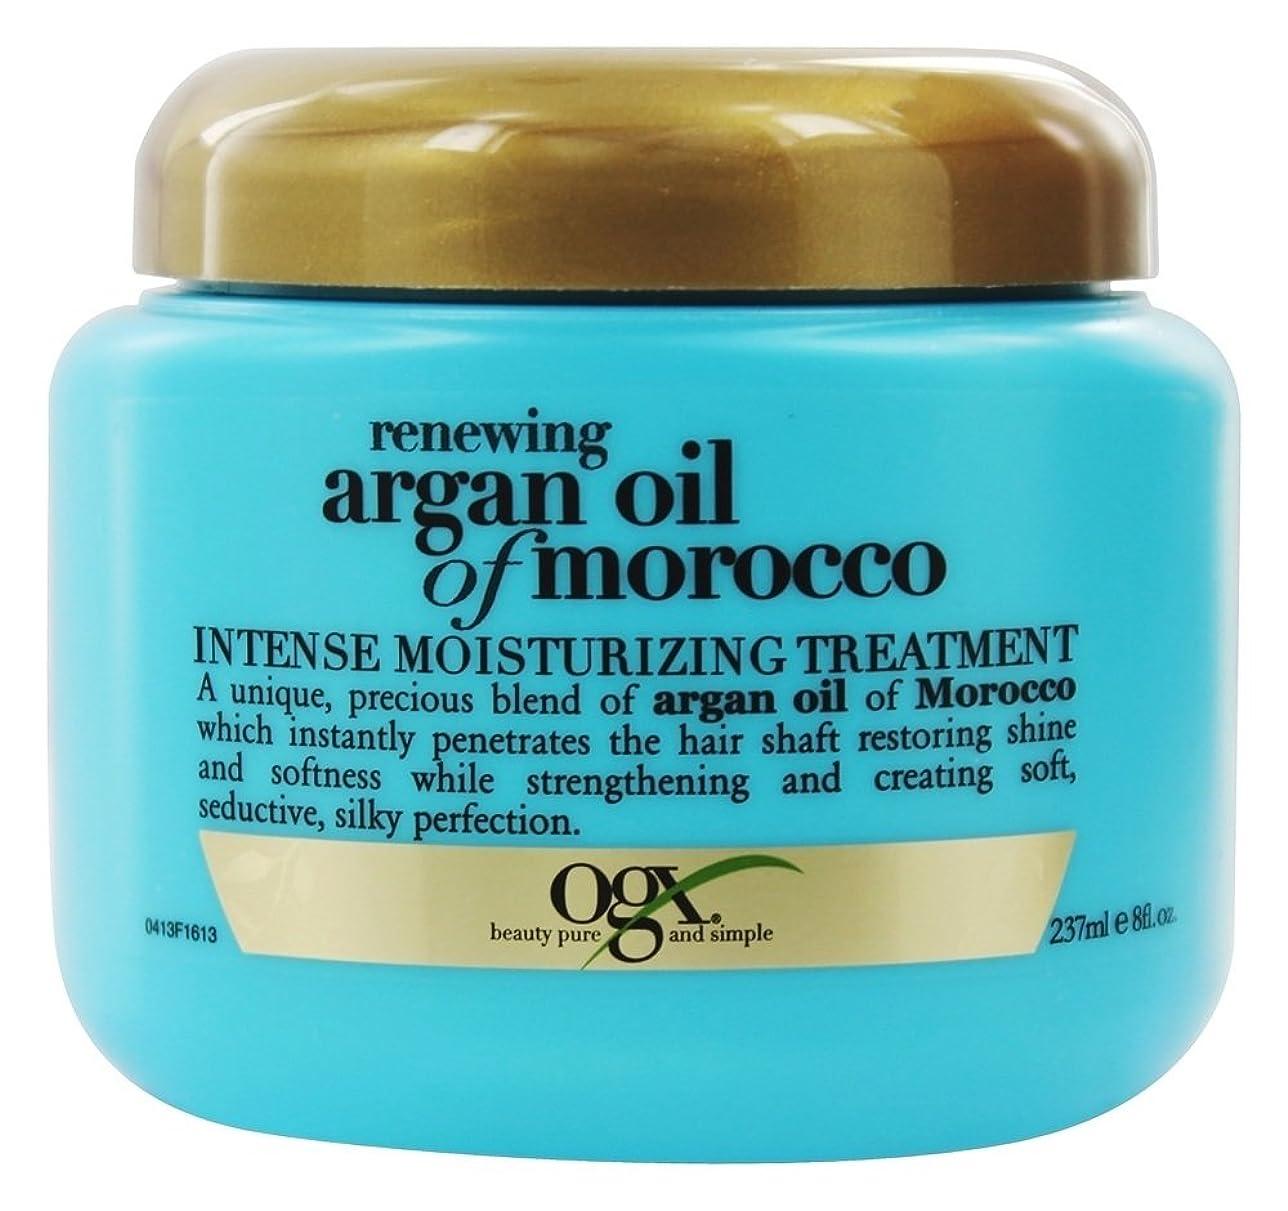 認めるベット信者Organix - モロッコのArganオイルを更新する強い保湿の処置 - 8ポンド [並行輸入品]